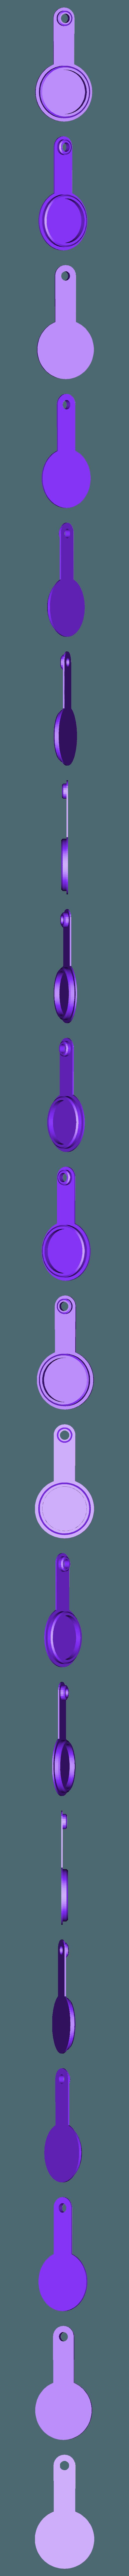 LLAVERO_CELTA_MACHORecomendado_.stl Télécharger fichier STL gratuit LLAVERO CELTA DE VIGO, REAL MADRID, BARCELONA, ATLETICO DE MADRID Y TORTUGA (NFC) • Modèle imprimable en 3D, celtarra12